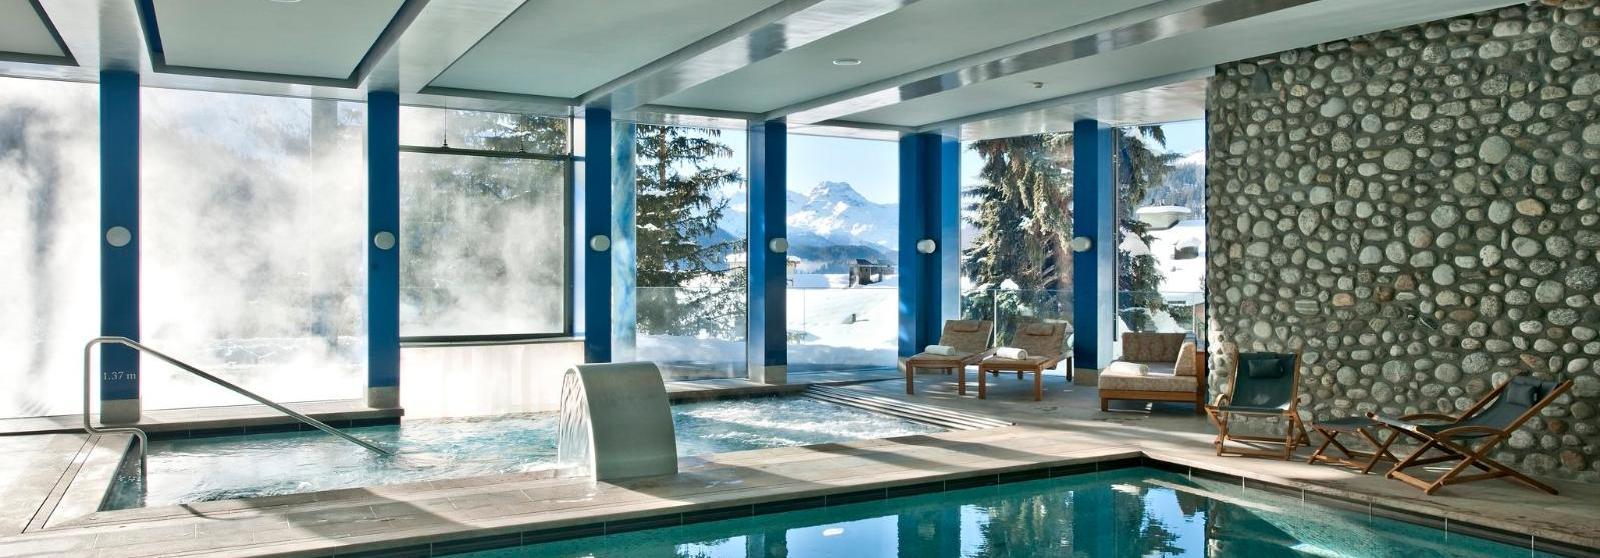 圣莫里茨卡尔顿酒店(Carlton Hotel St. Moritz) 水疗中心泳池图片  www.lhw.cn